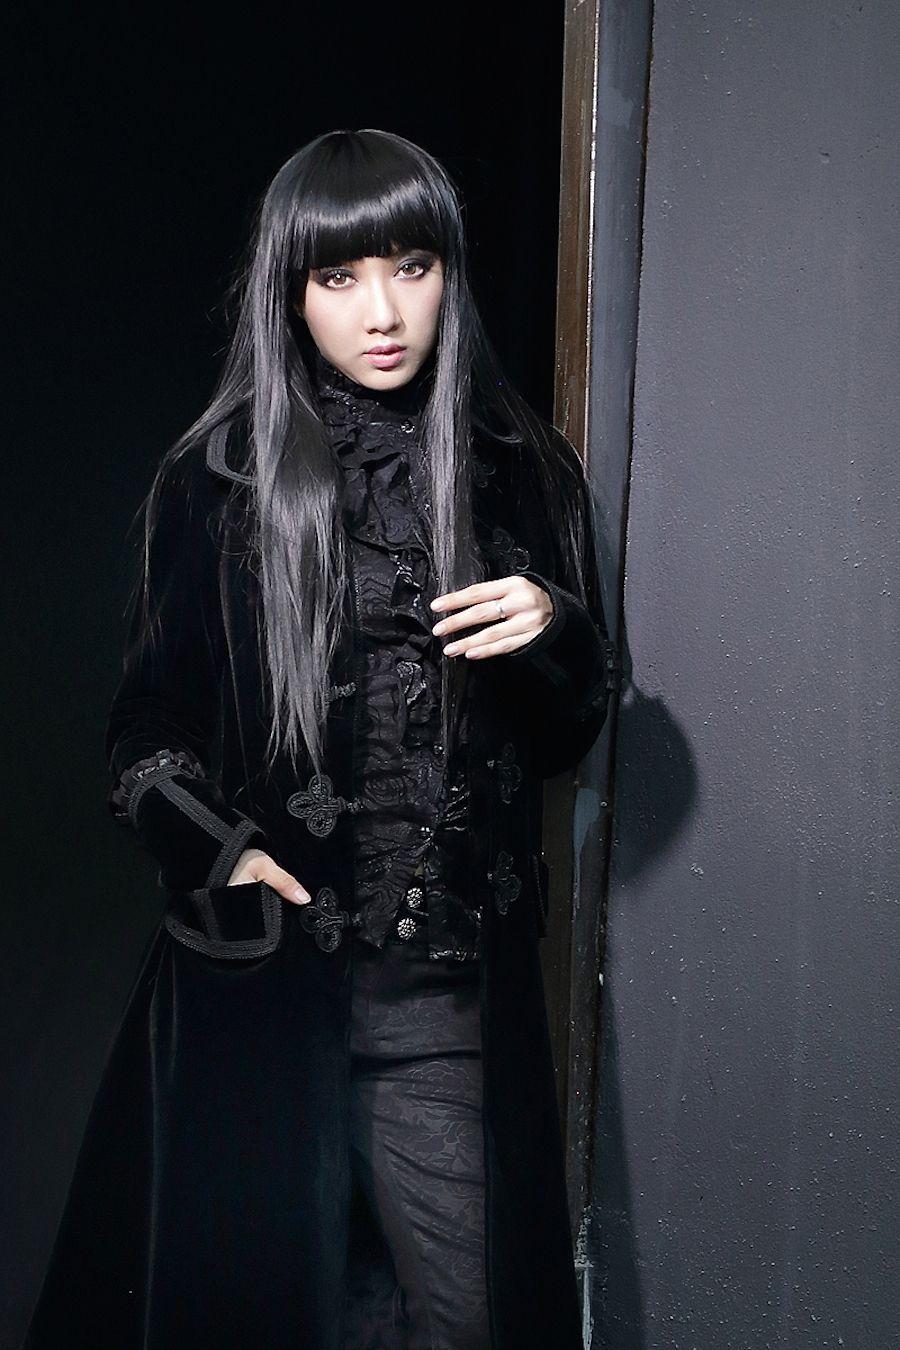 manteaux femme velours gothique pentagramme manteau. Black Bedroom Furniture Sets. Home Design Ideas